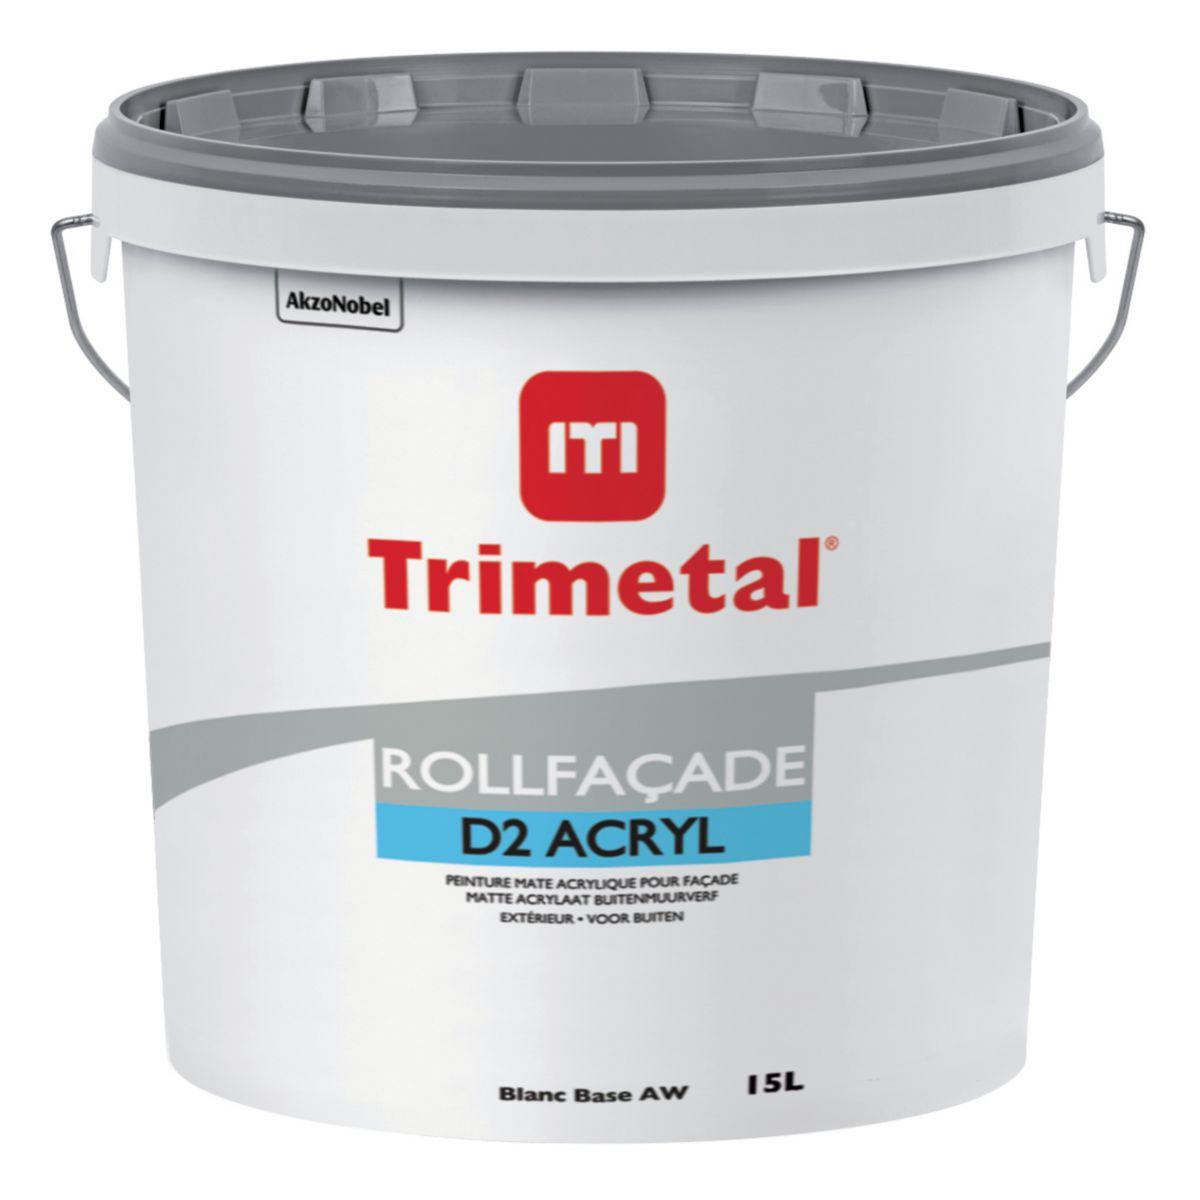 Trimetal Peinture Acrylique De Ravalement Rollfaçade D2 Acryl